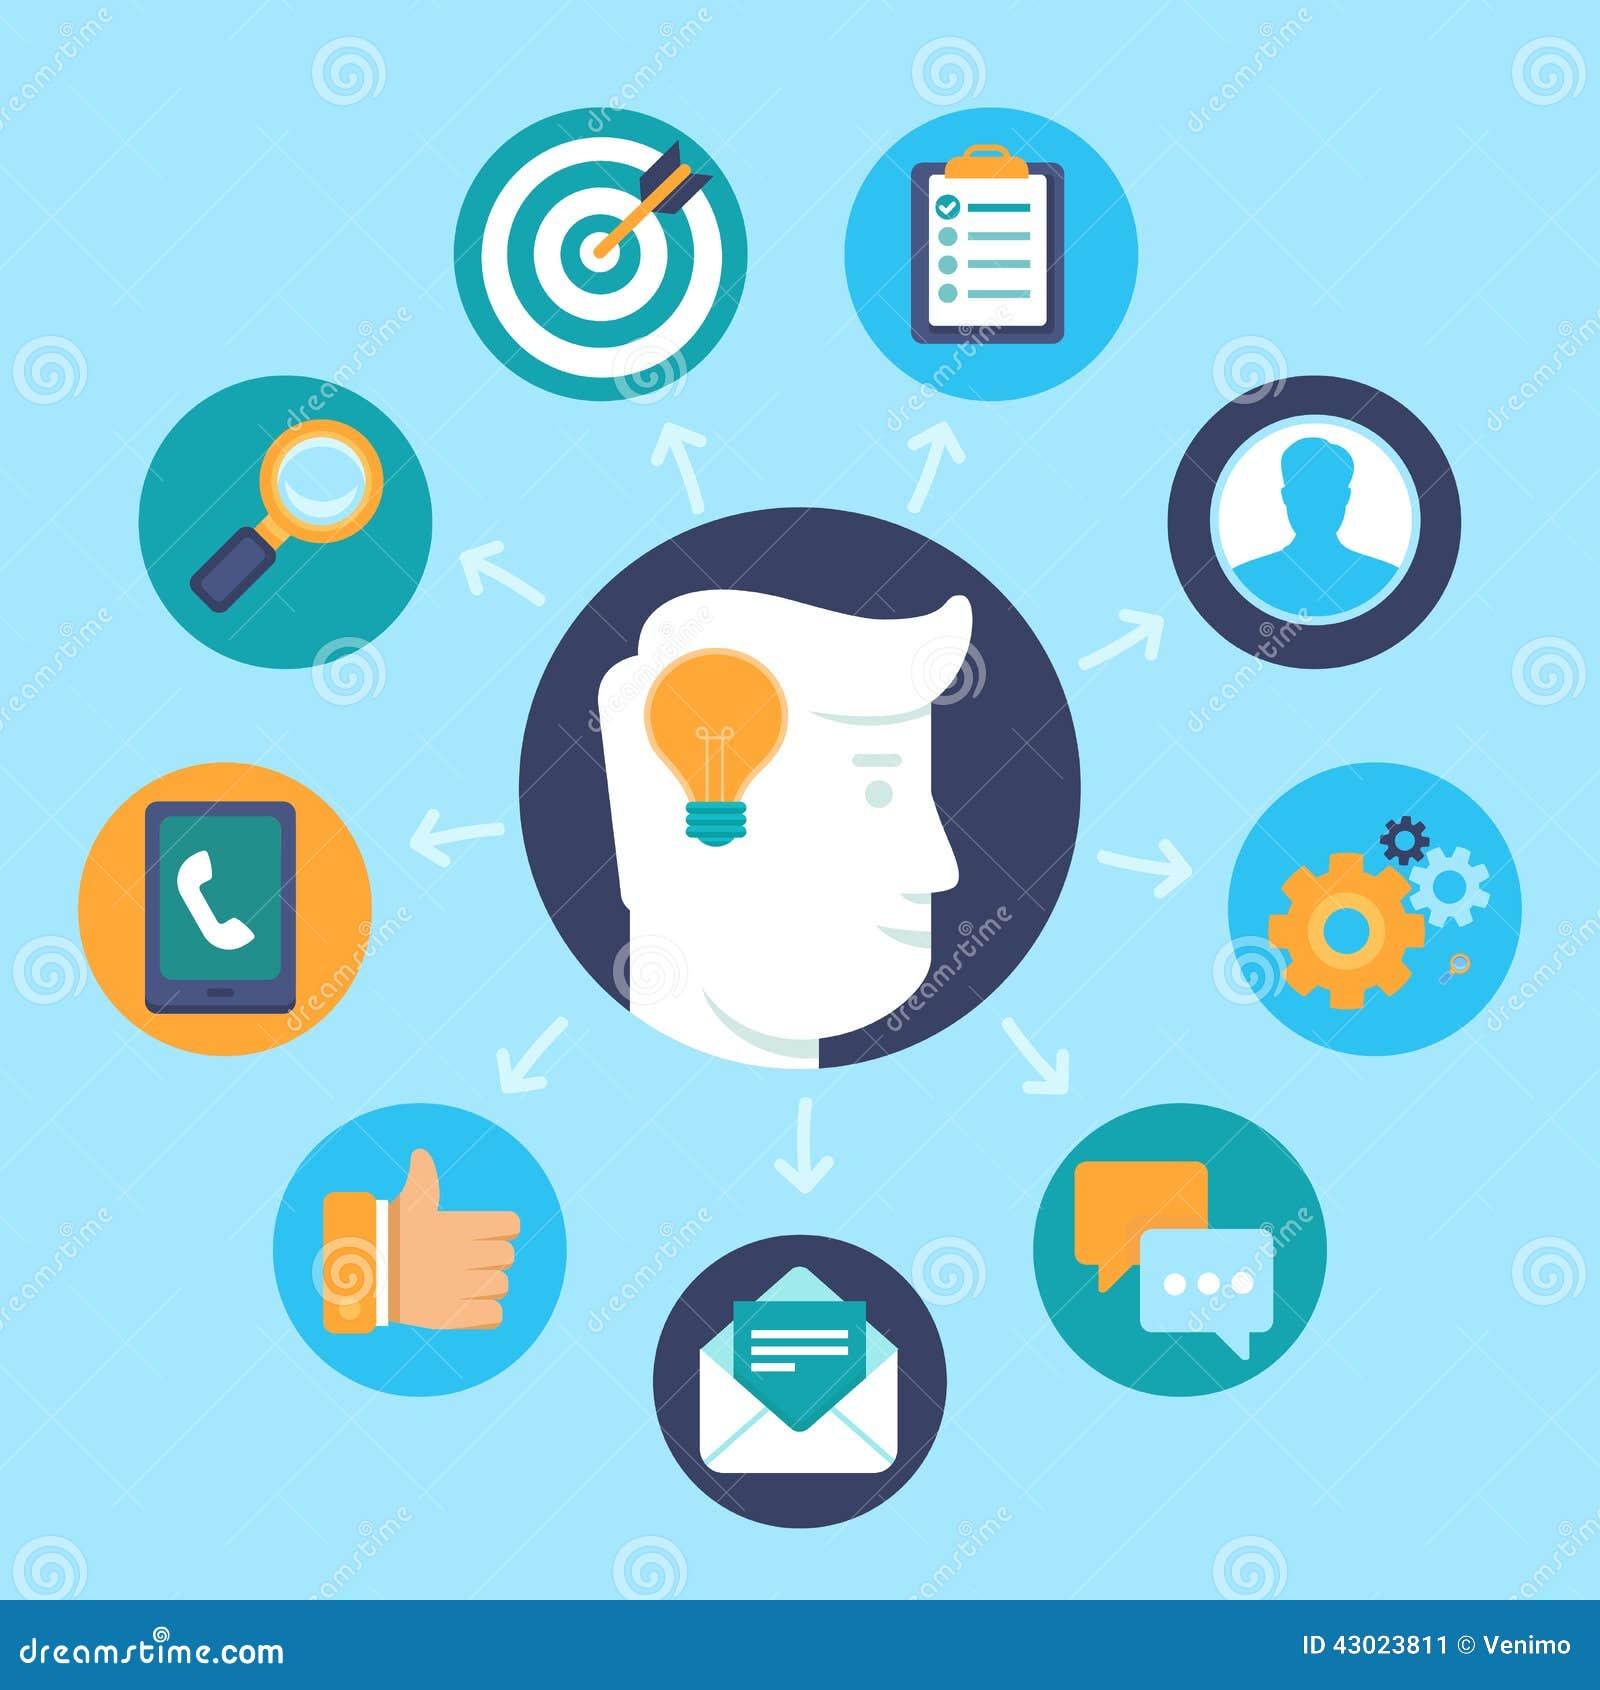 talent relationship management audio